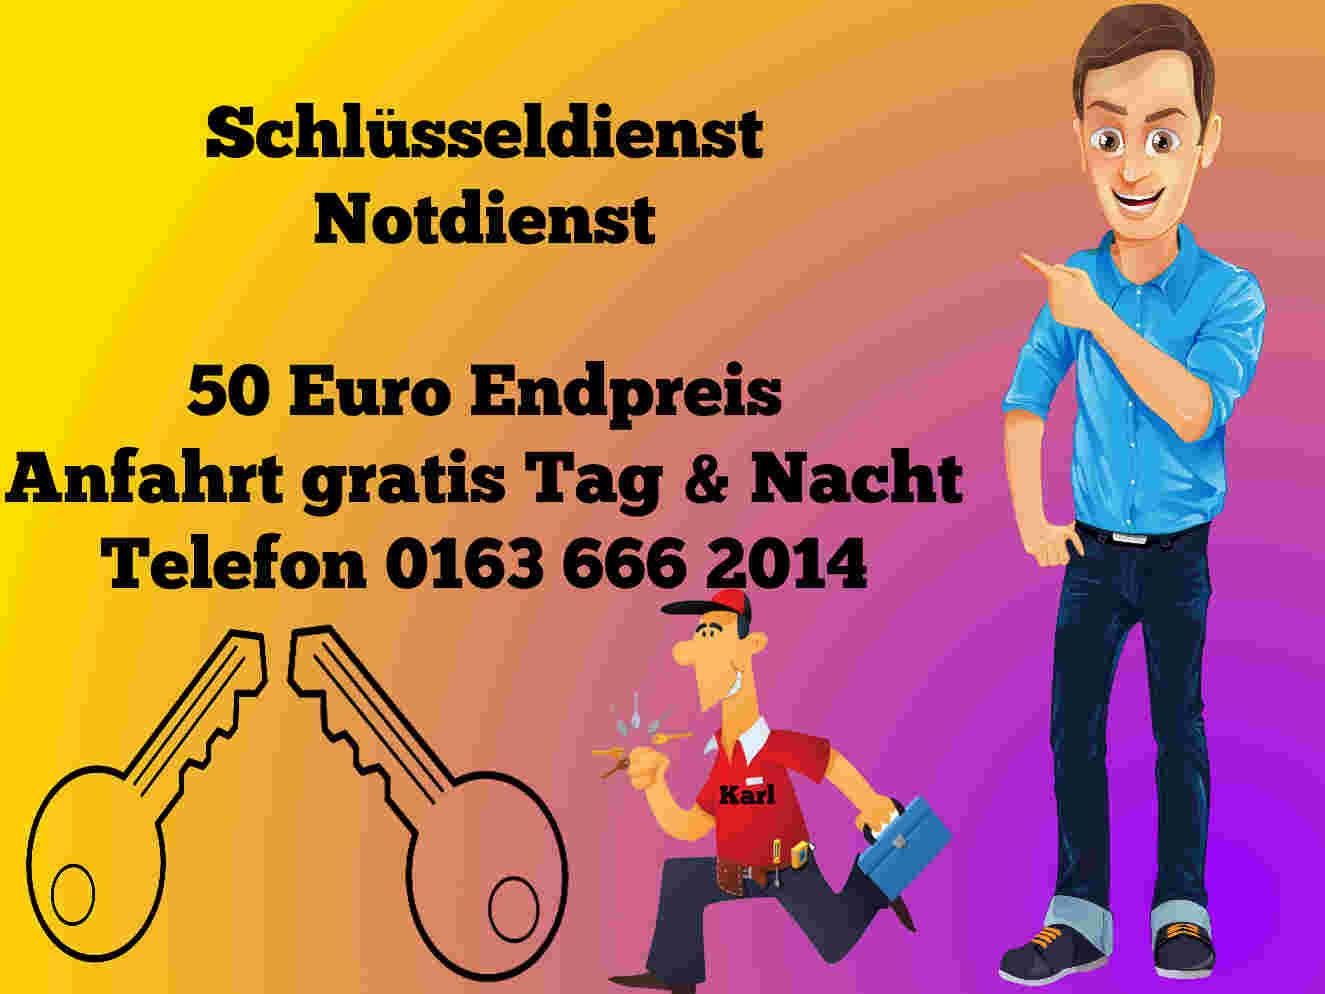 Schlüsseldienst Rothe Erde Aachen - Notdienst Tag und Nacht - Tür Öffnen zum 50 Euro Endpreis - Anfahrt Gratis